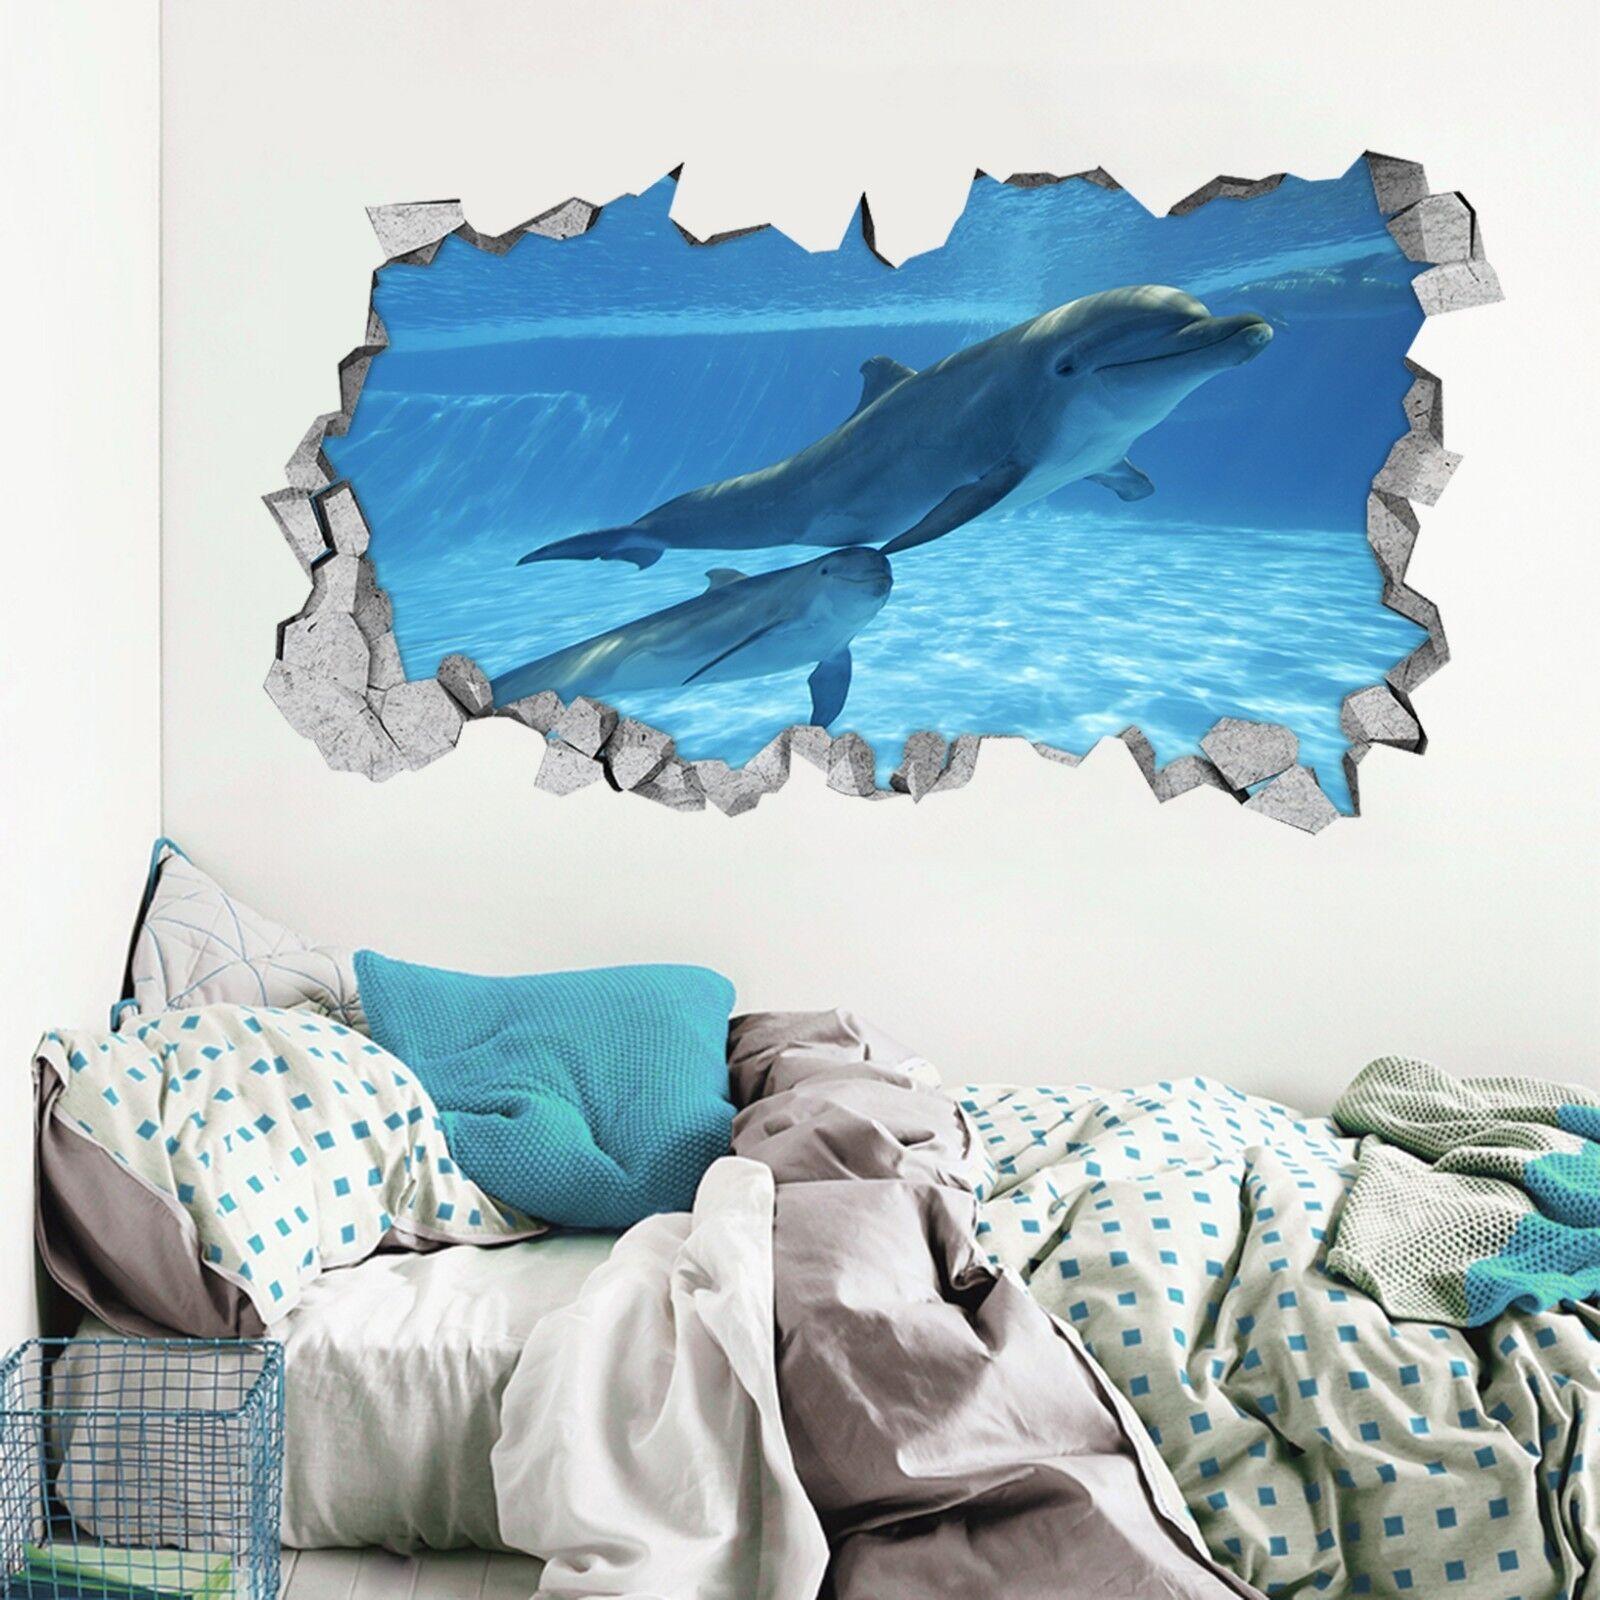 3D Angenehme Delfine 3 Mauer Murals Mauer Aufklebe Decal Durchbruch WALLPAPER DE